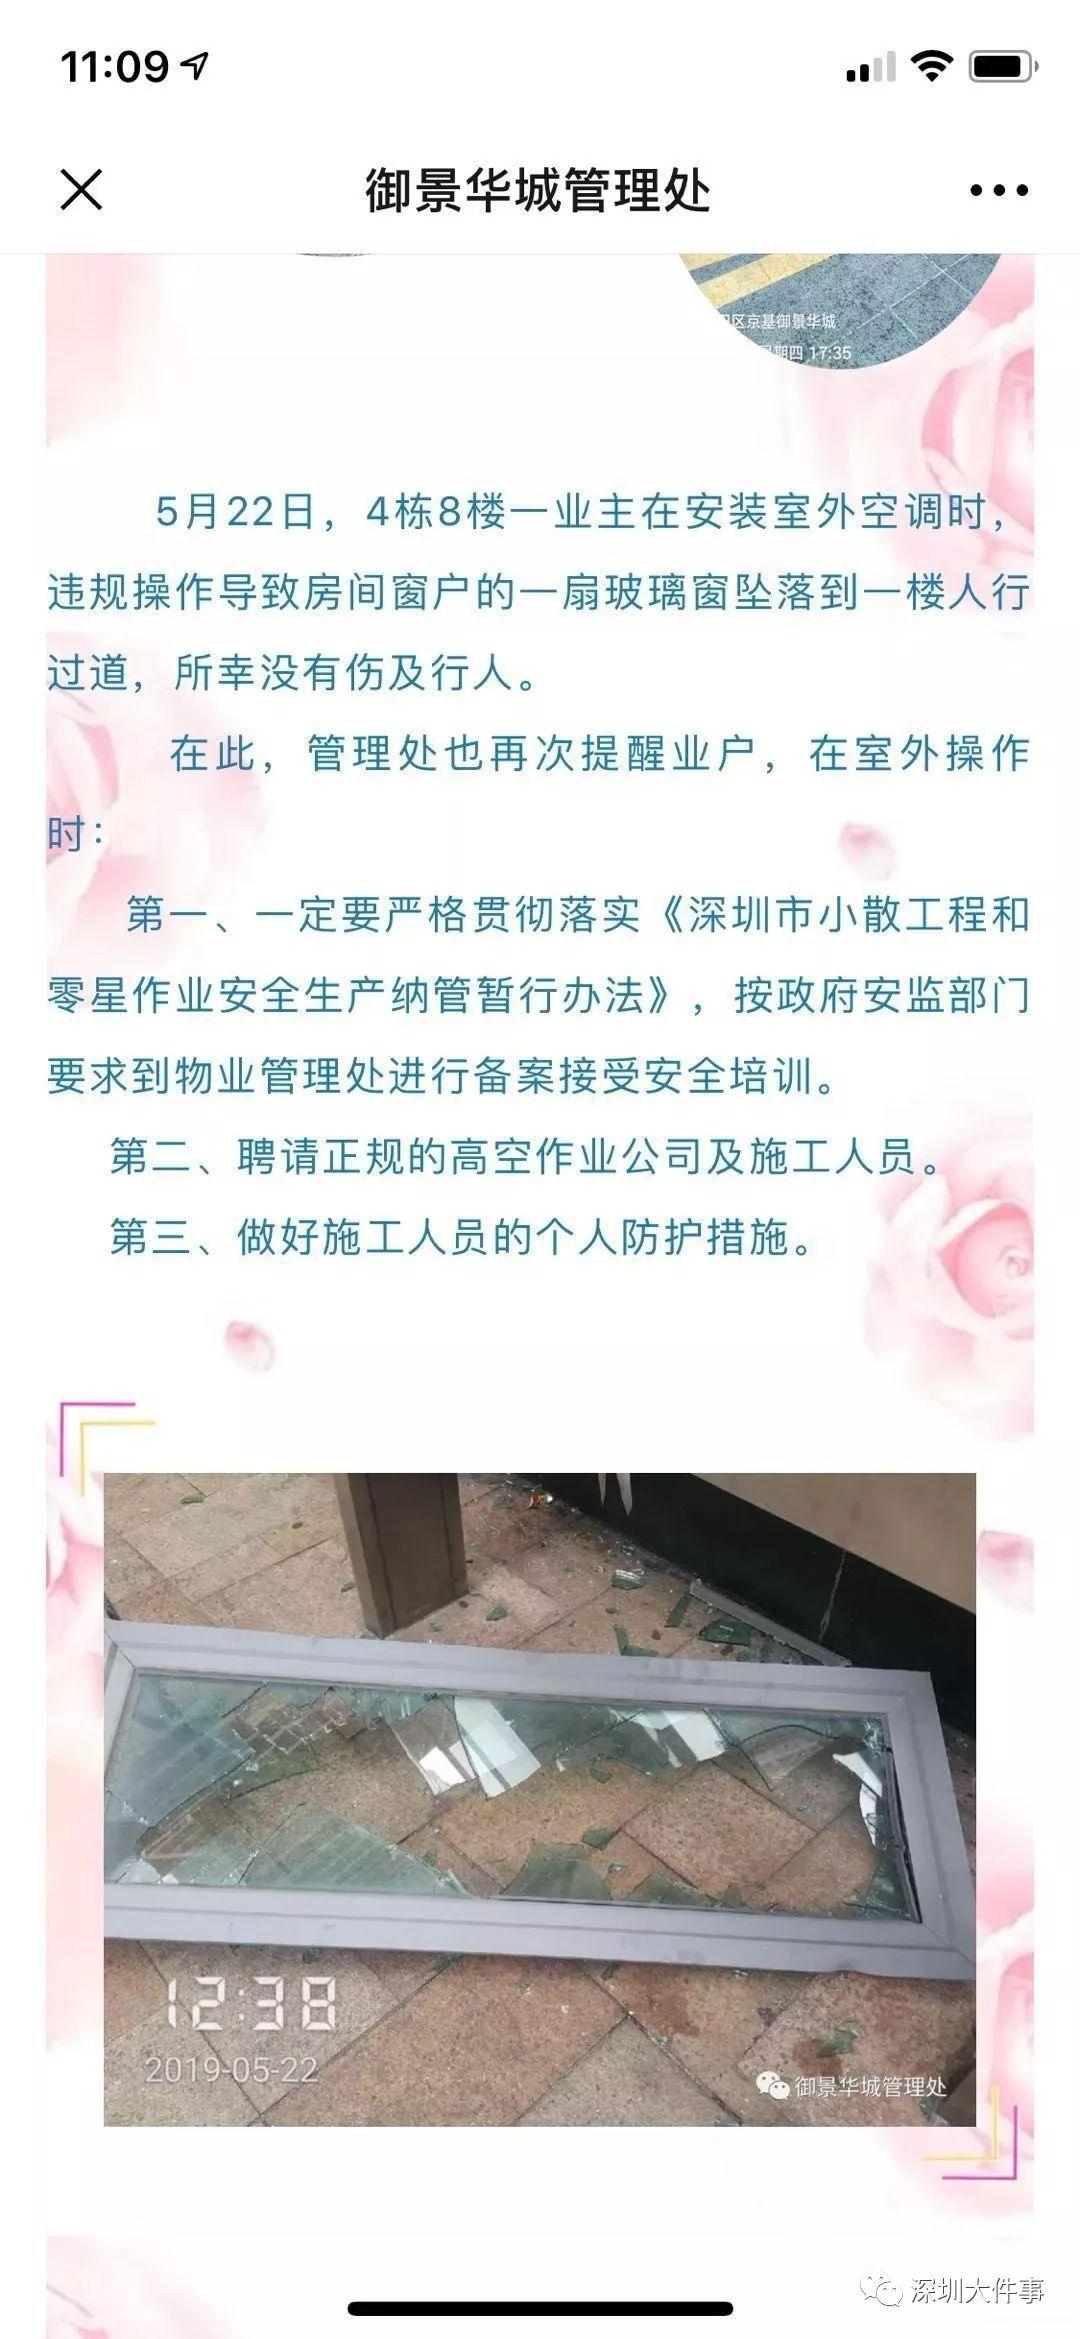 痛心!深圳一小区高层窗户坠落砸中6岁男童,妈妈当场崩溃…